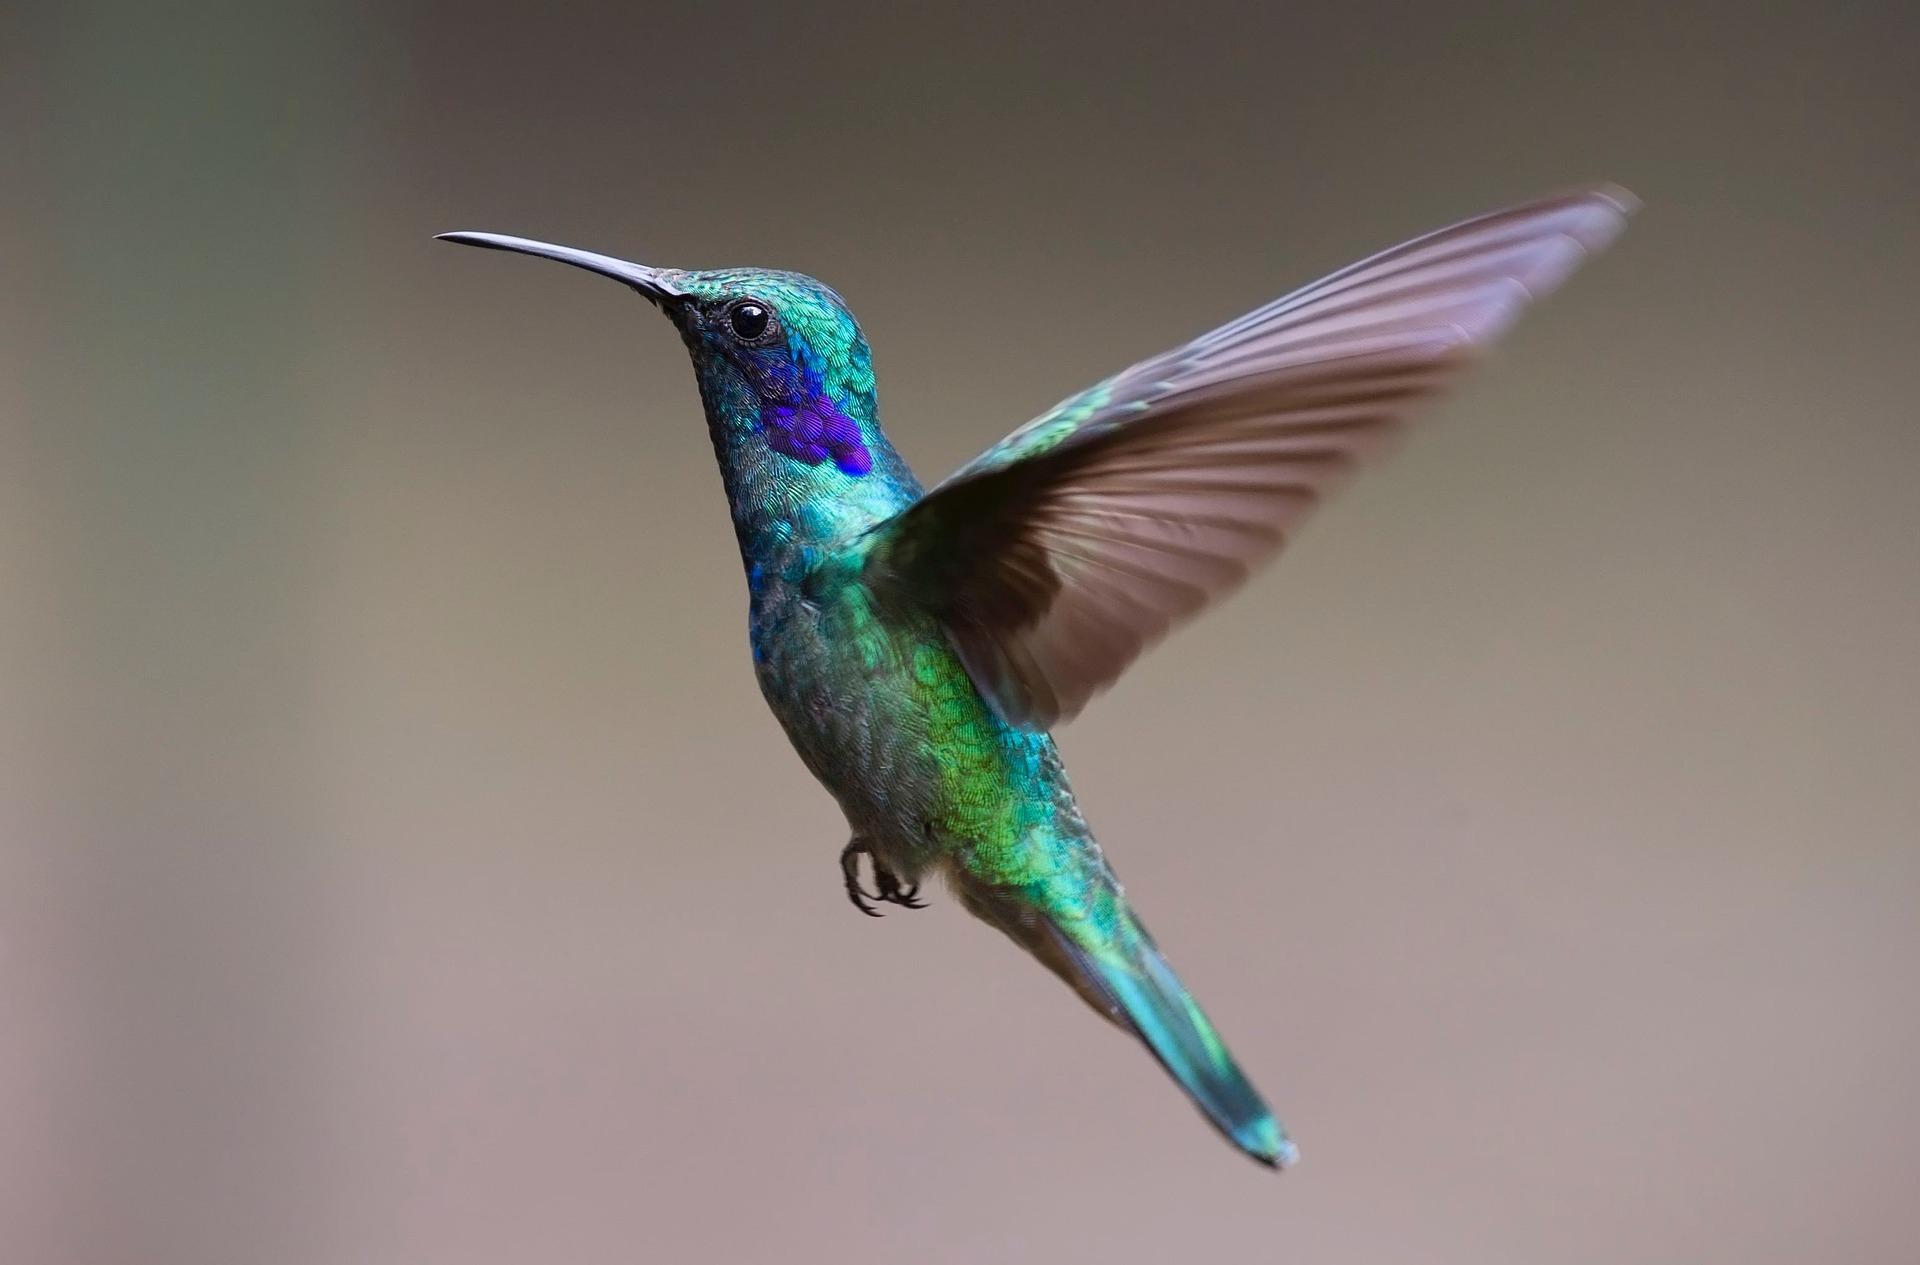 Fonds D'Écran Oiseaux Gratuits pour Fond D'?Cran Oiseaux Exotiques